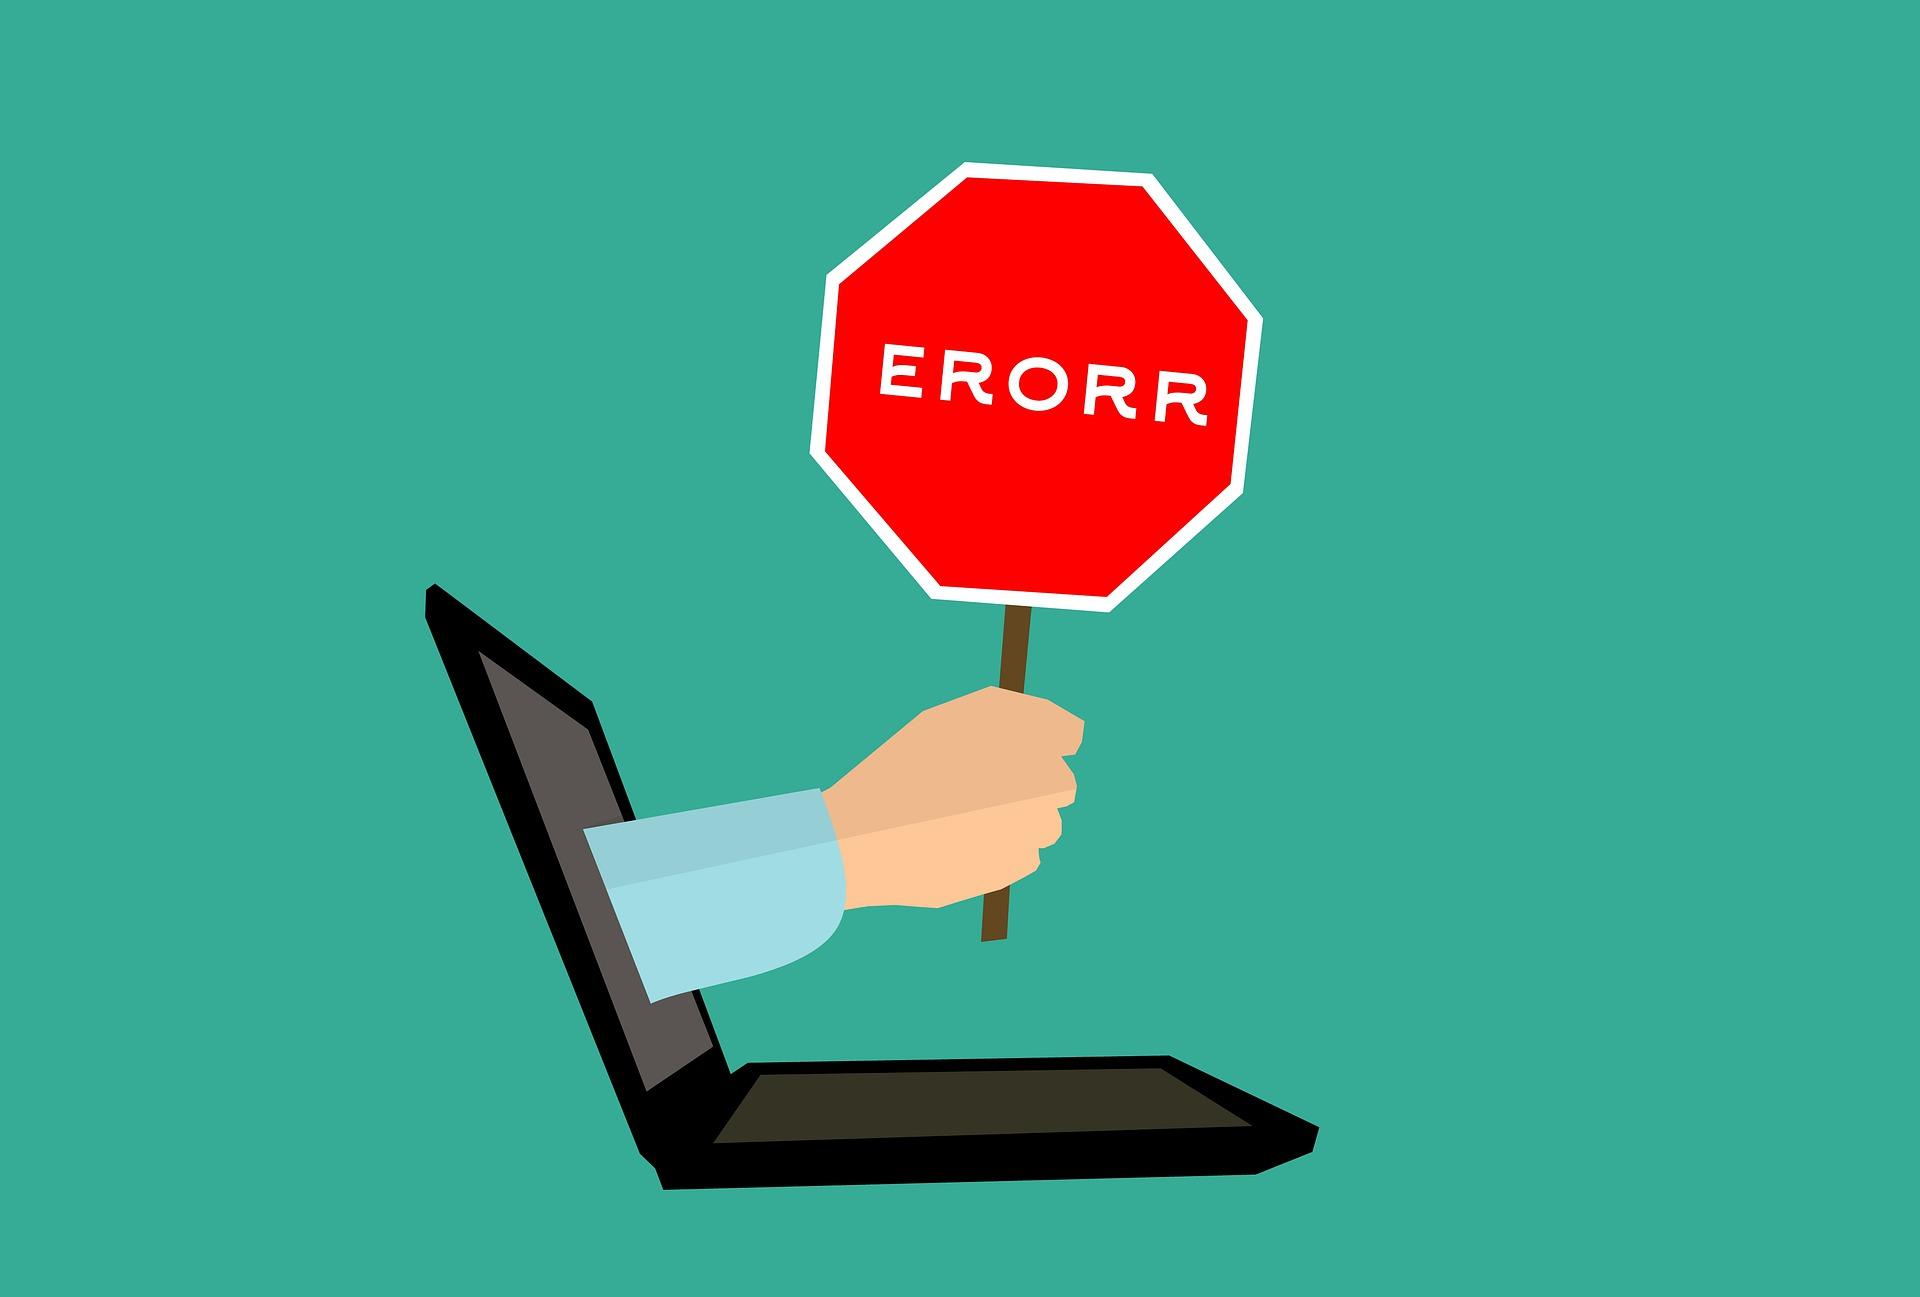 مدیریت خطا یا handling errors در جاوا اسکریپت(javascript)